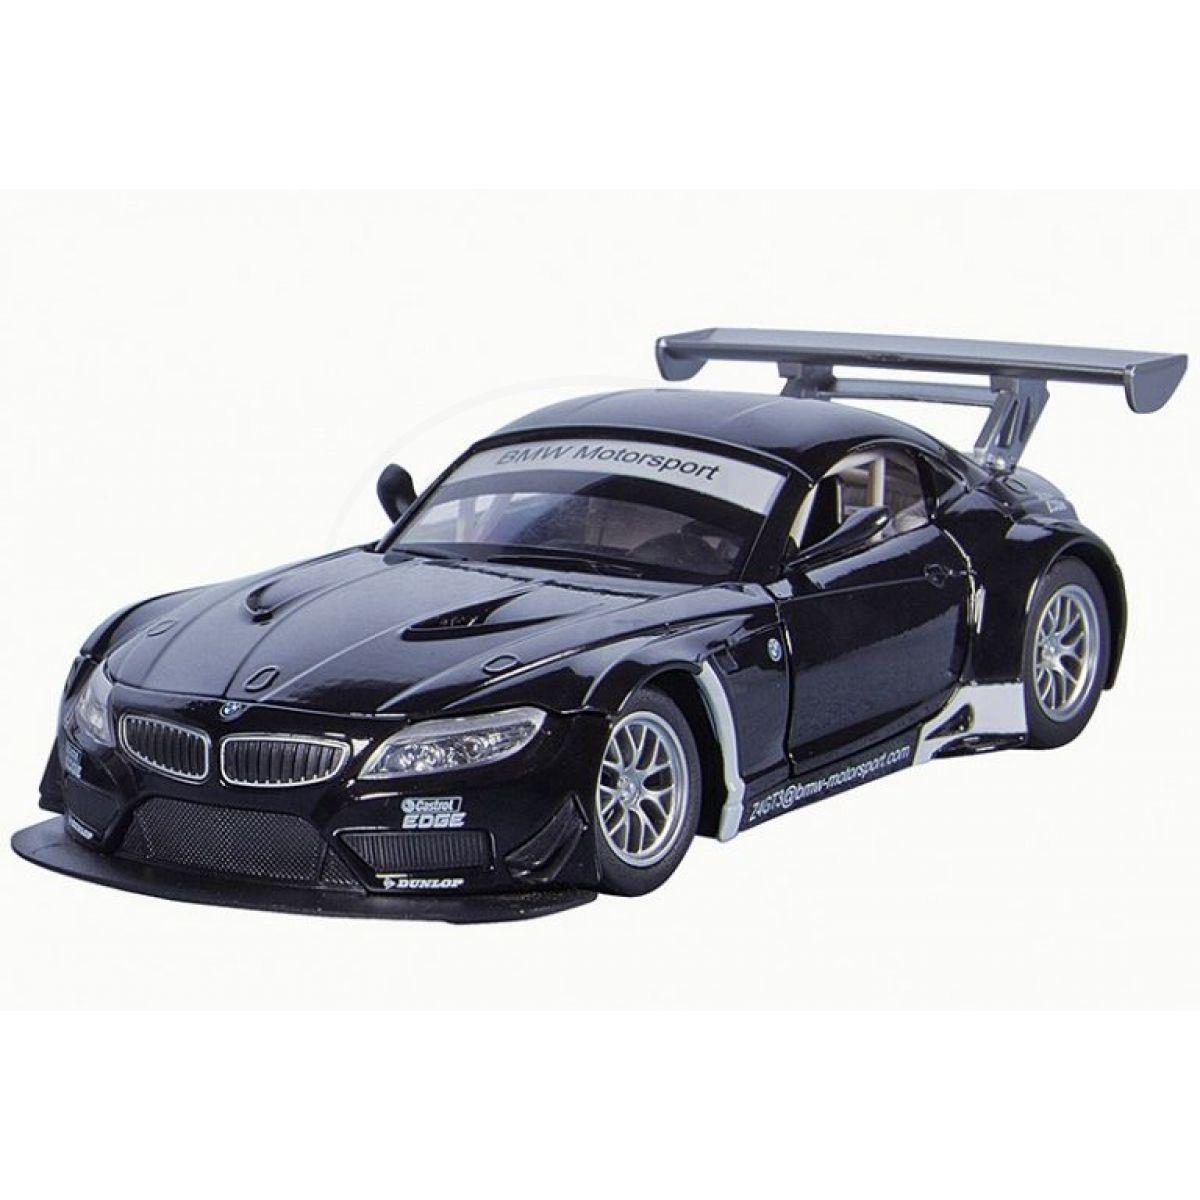 HM Studio kovový model BMW Z4 GT3 1:32 černý